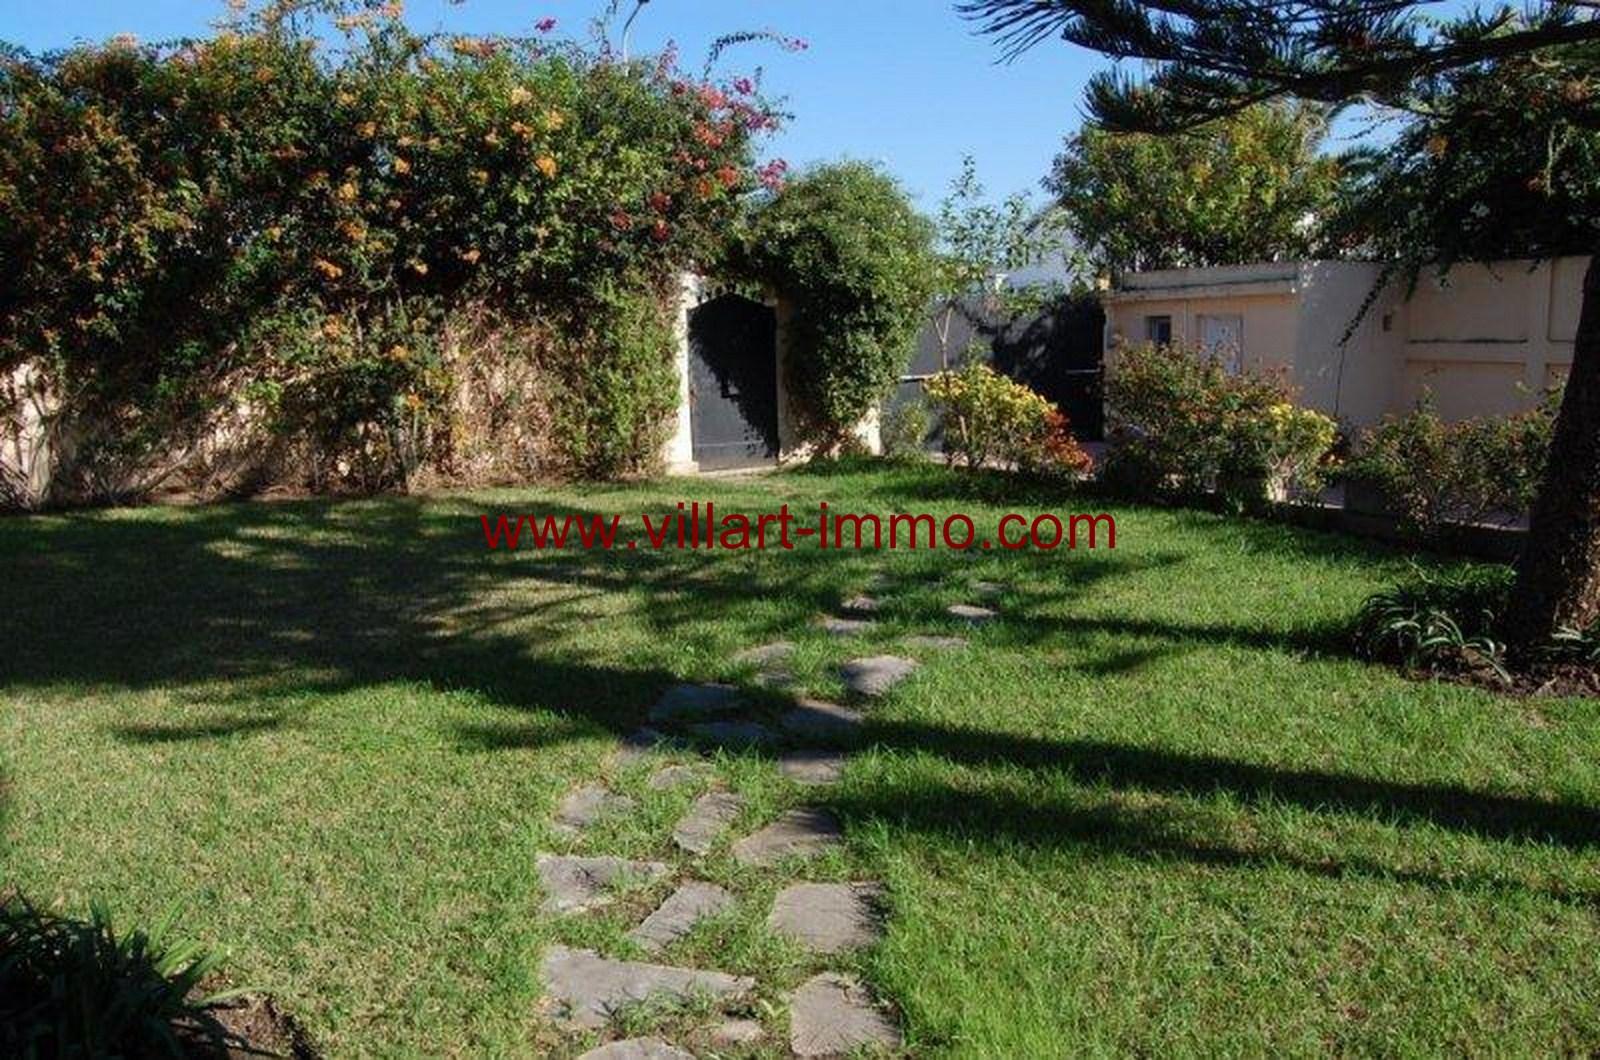 4-vente-villa-tanger-boubana-jardin-4-vv363-villart-immo